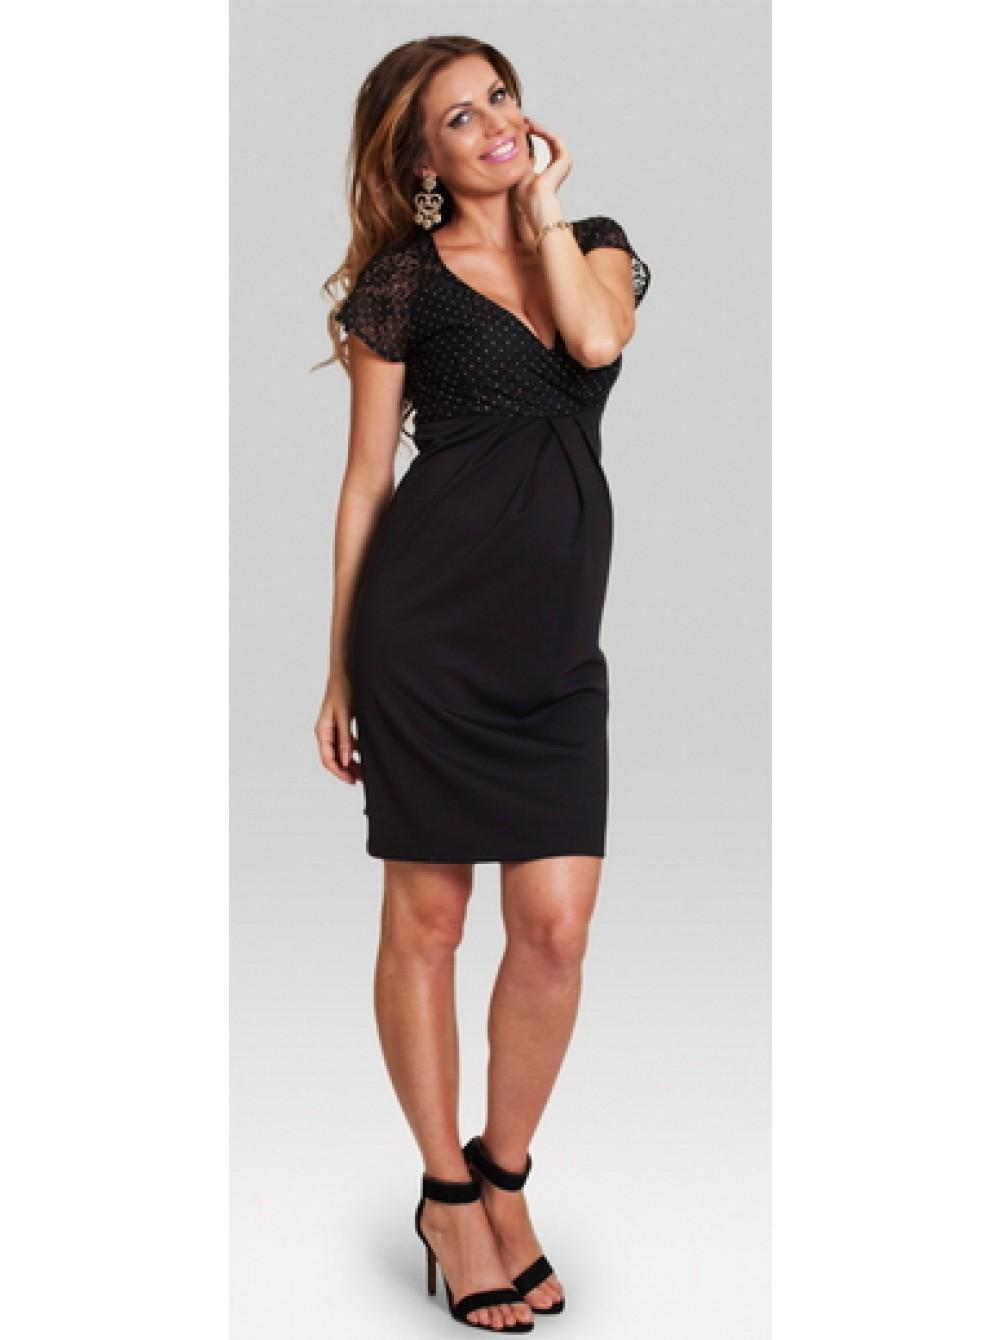 572367b2aa2 9Kuud - Rasedate kleit AMBROSIA - rasedate riided & pesud rasedatele